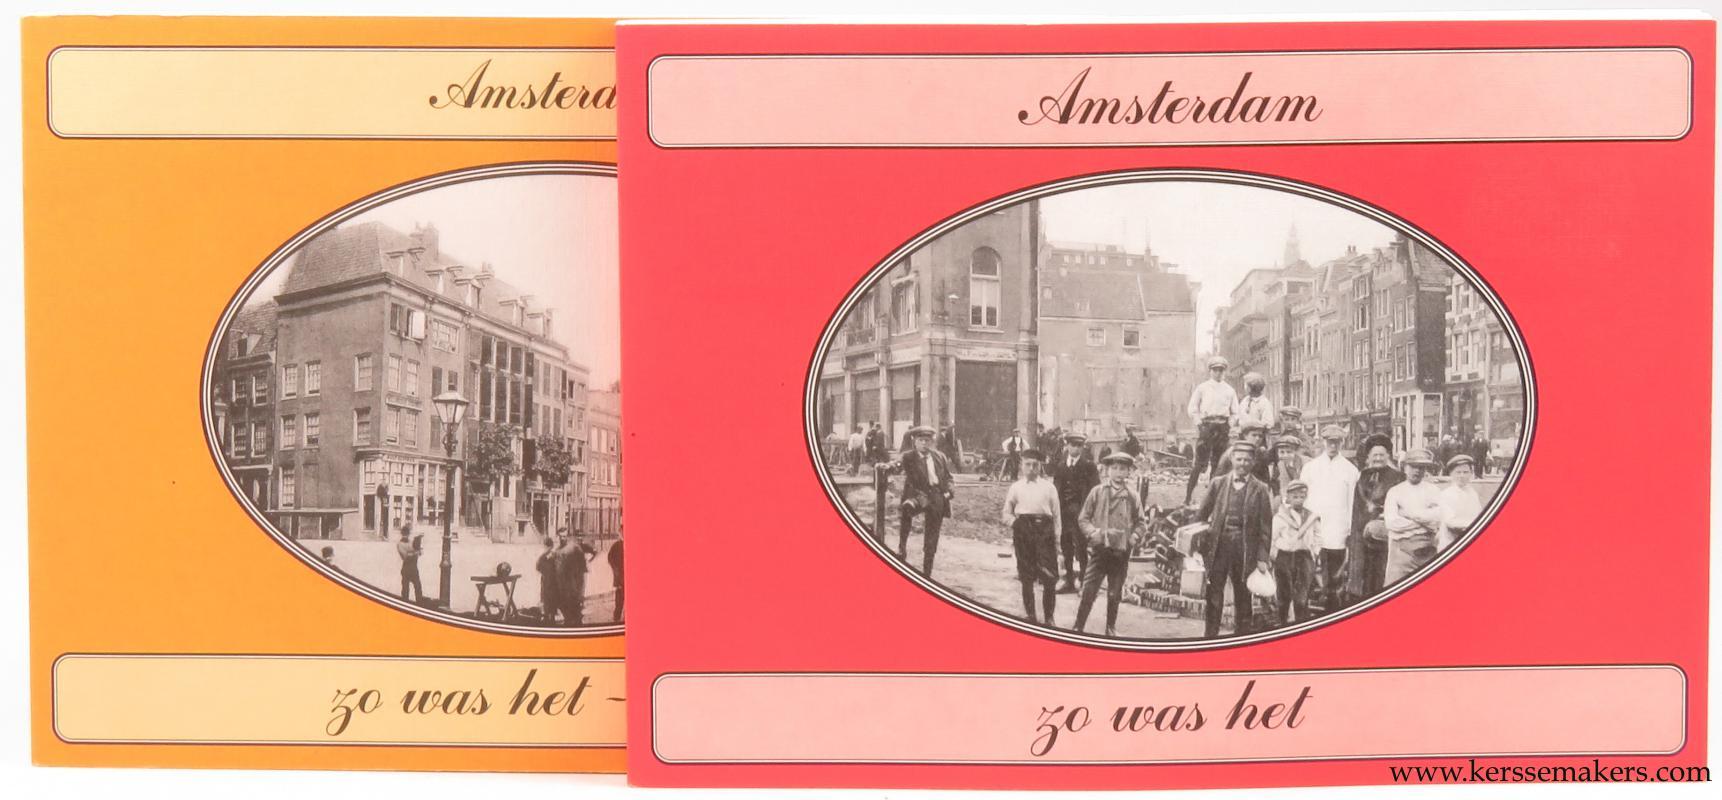 REGT-ADMIRAAL, G.A.M. - Amsterdam zo was het & Amsterdam zo was het deel 2. Prentbriefkaarten uit de collectie van Reijer de Regt, geselecteerd en van tekst voorzien door Gerard Koppers (2 volumes).